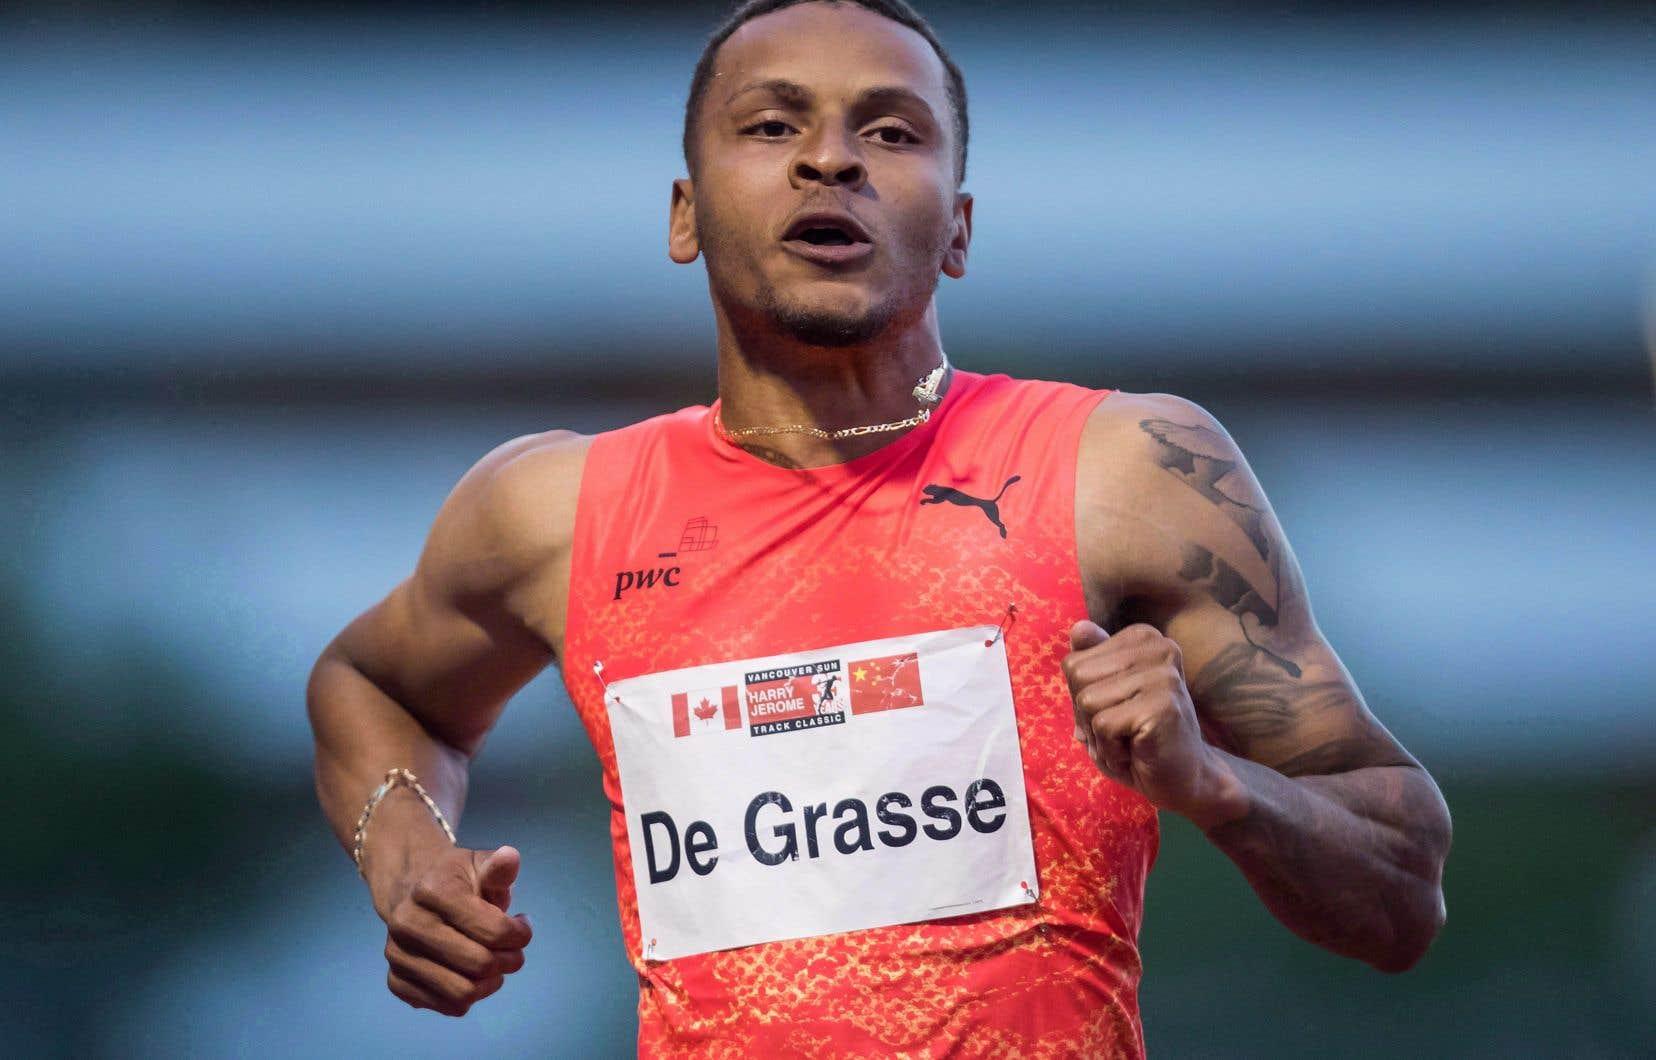 De Grasse, qui a frappé l'imaginaire en rivalisant avec Usain Bolt aux Jeux olympiques de Rio de Janeiro, a mentionné qu'il aimerait reprendre l'entraînement d'ici la fin du mois.